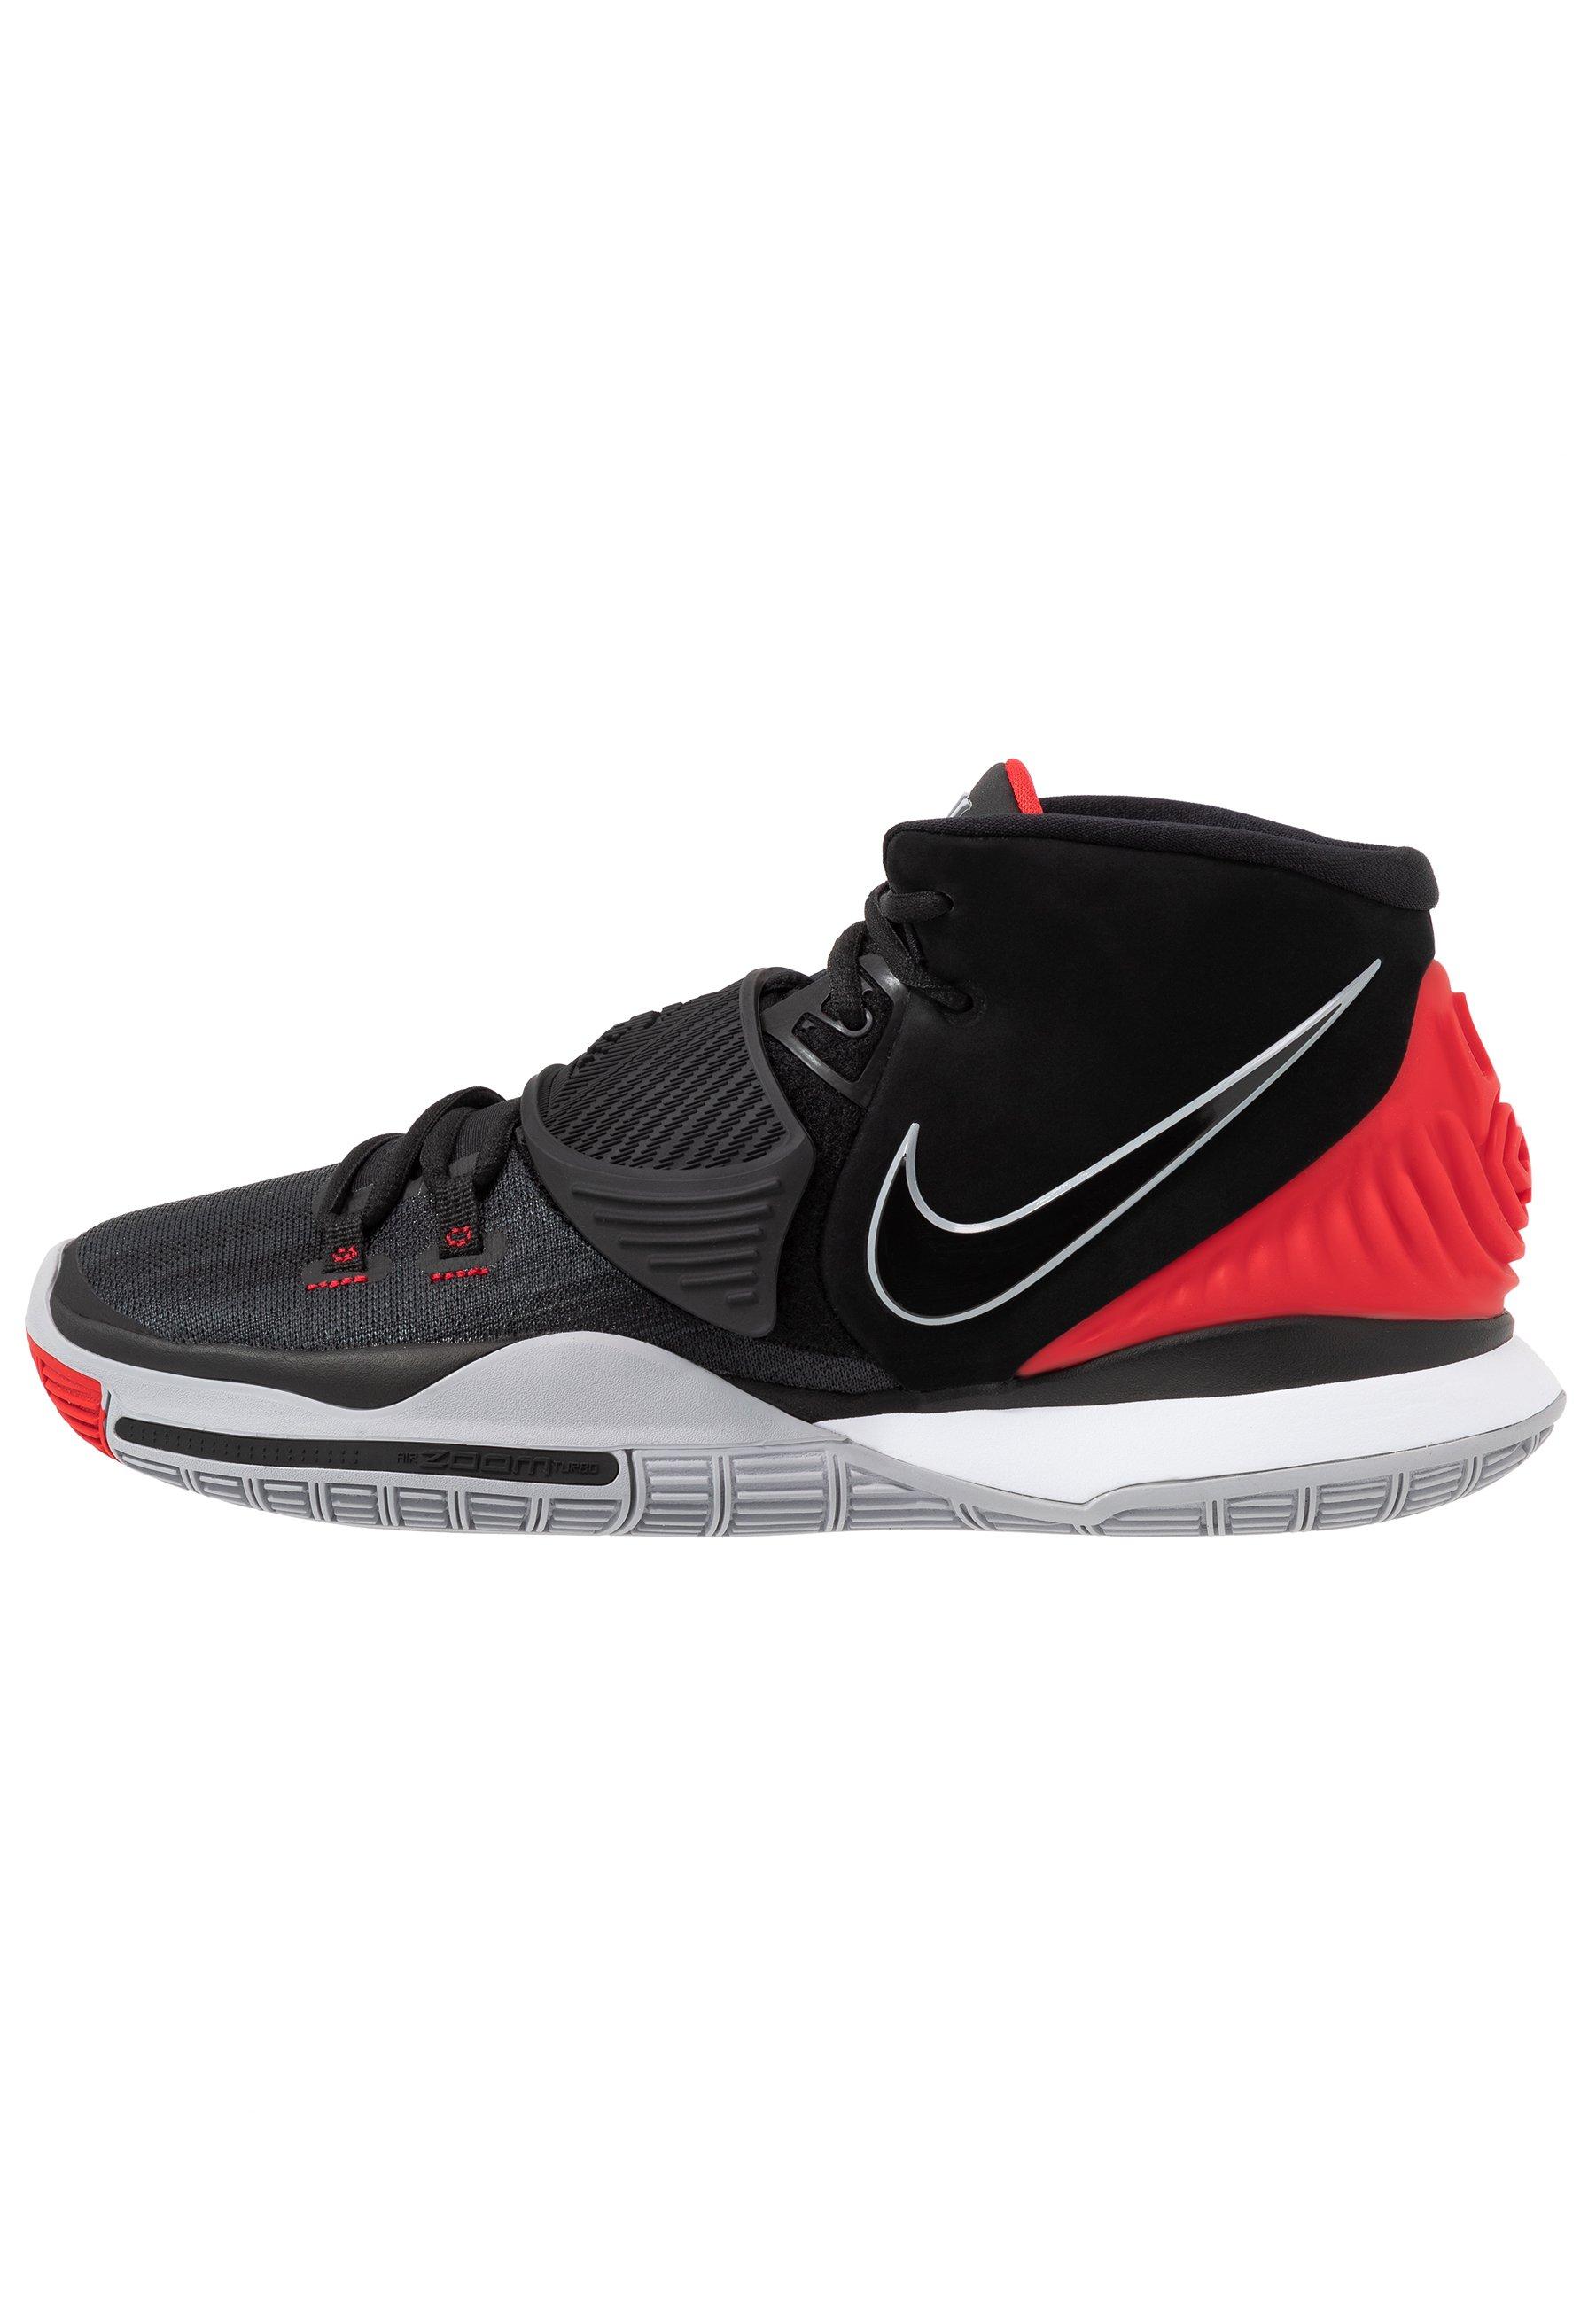 Chaussures de basket homme   Tous les articles chez Zalando